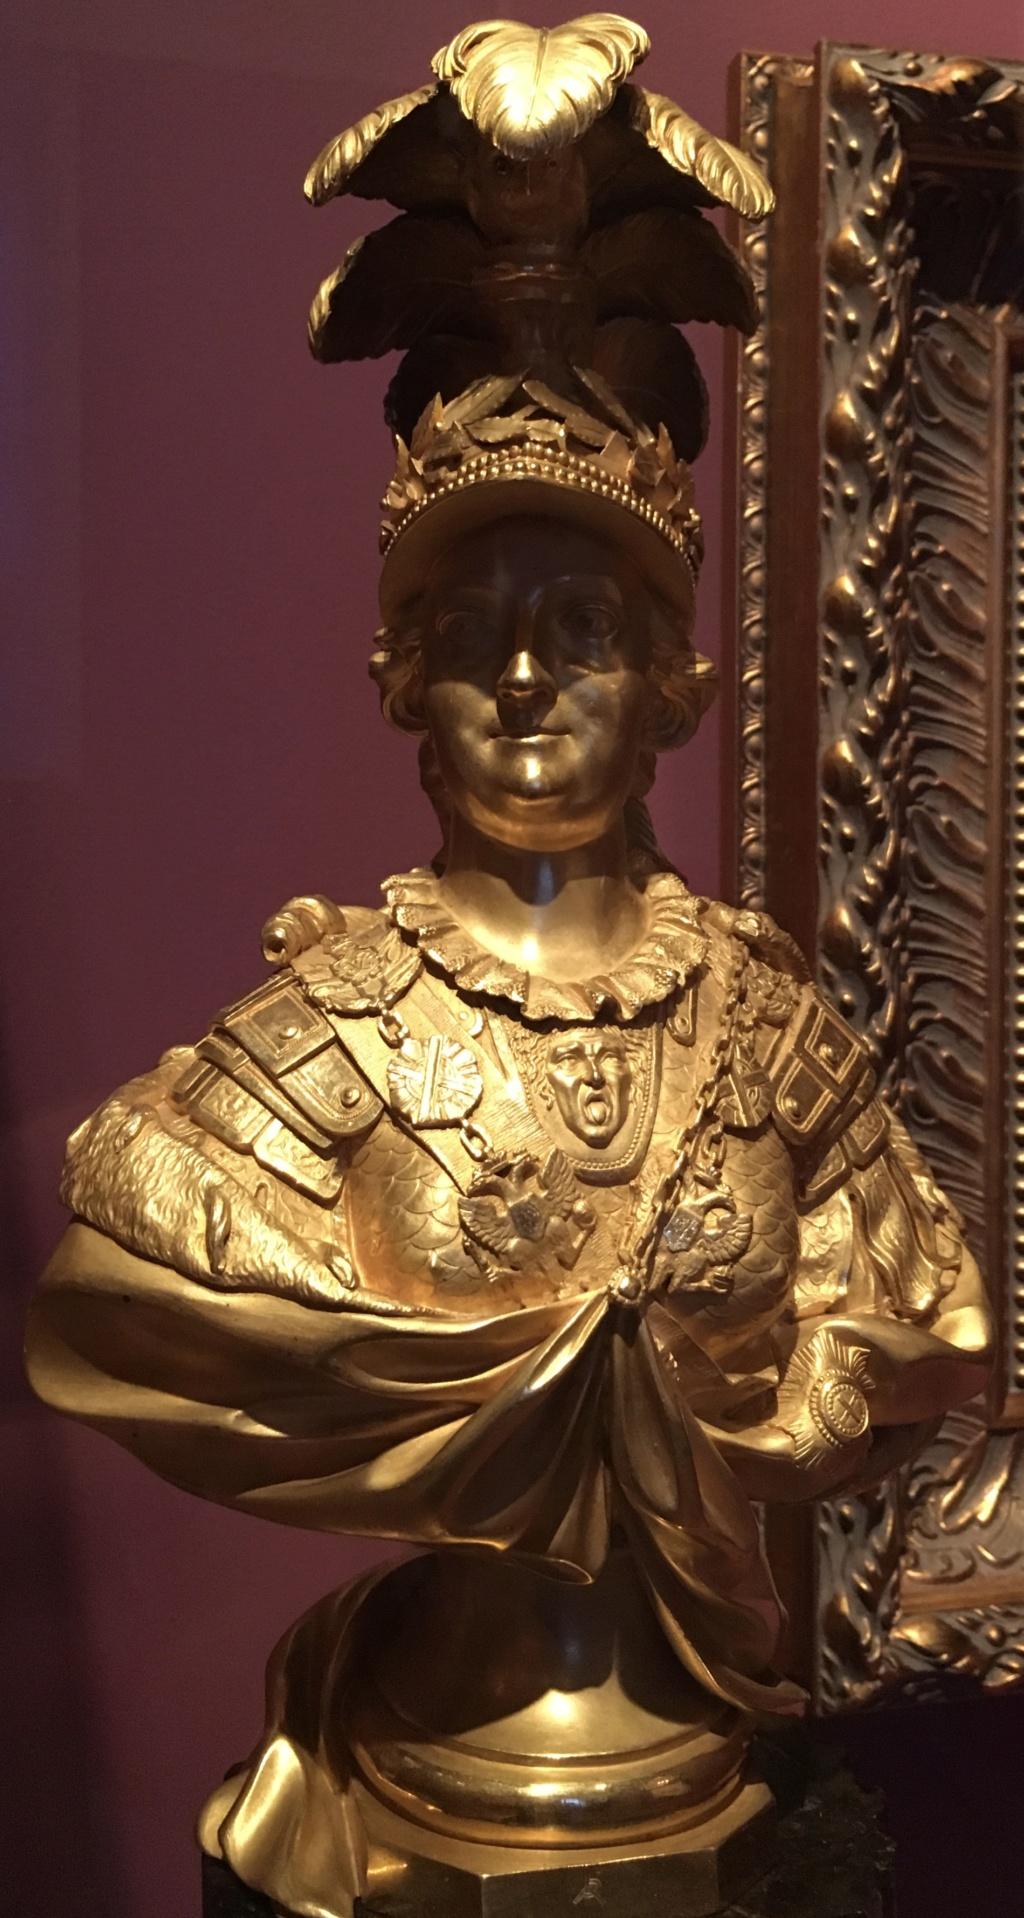 Une statue monumentale de la reine Marie-Antoinette sur le site du château de Saint-Cloud? 386a6810